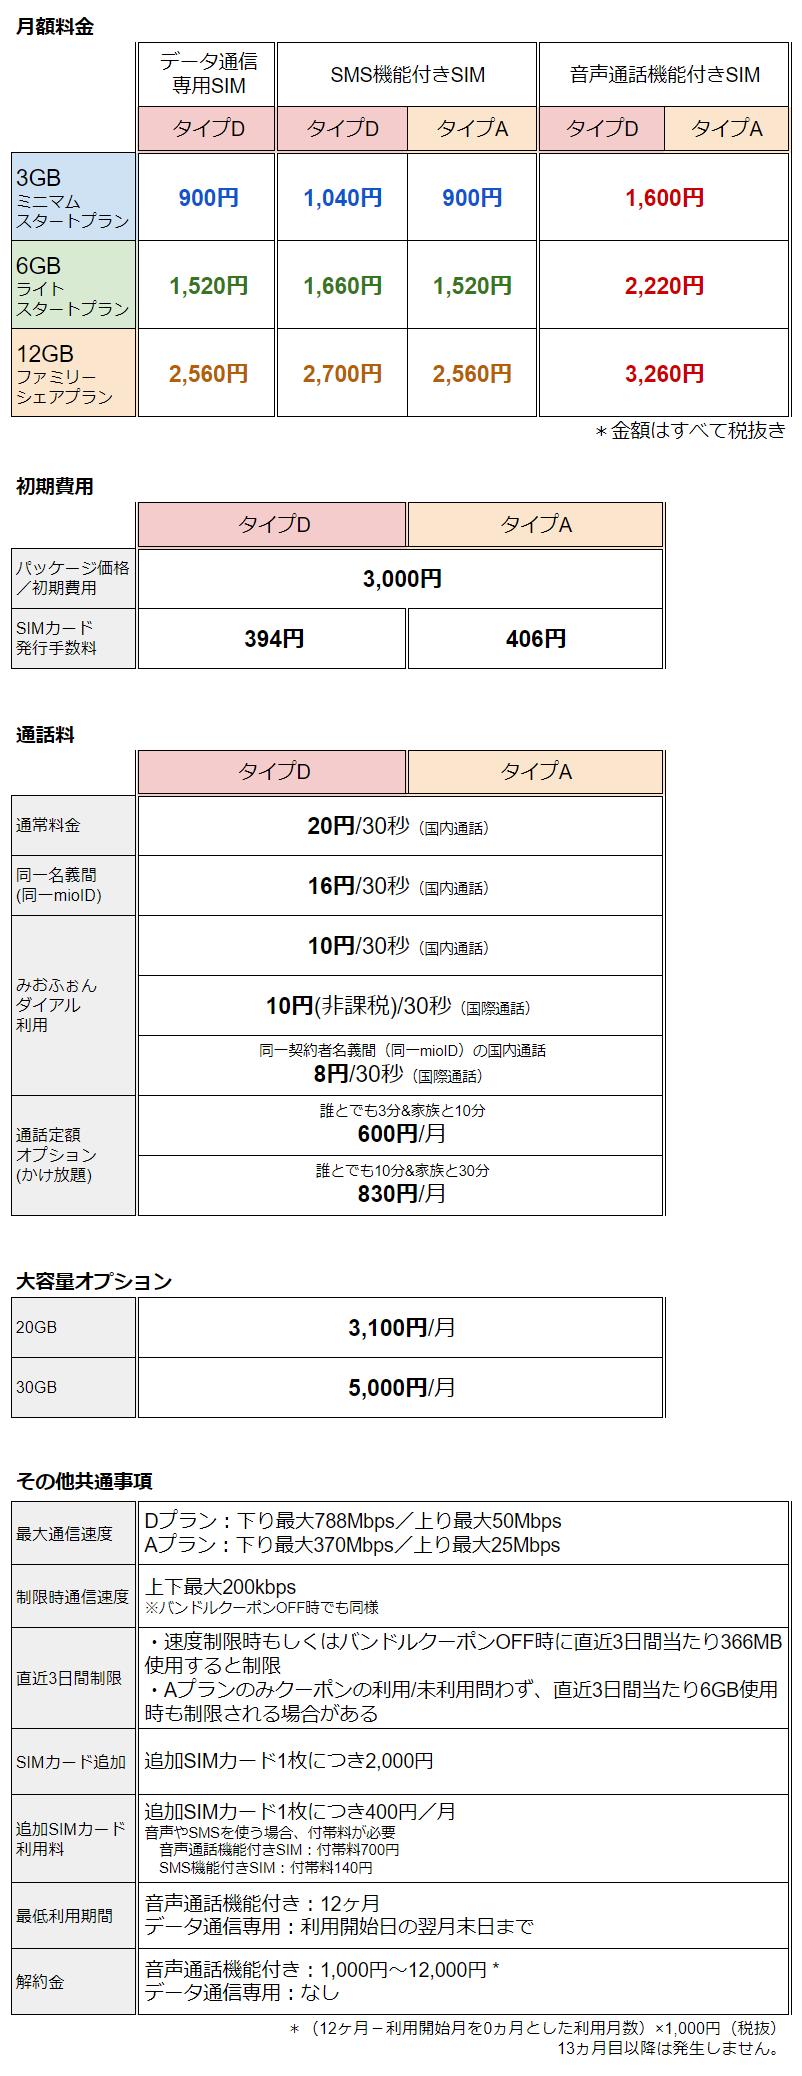 f:id:sora-no-color:20180317005445p:plain